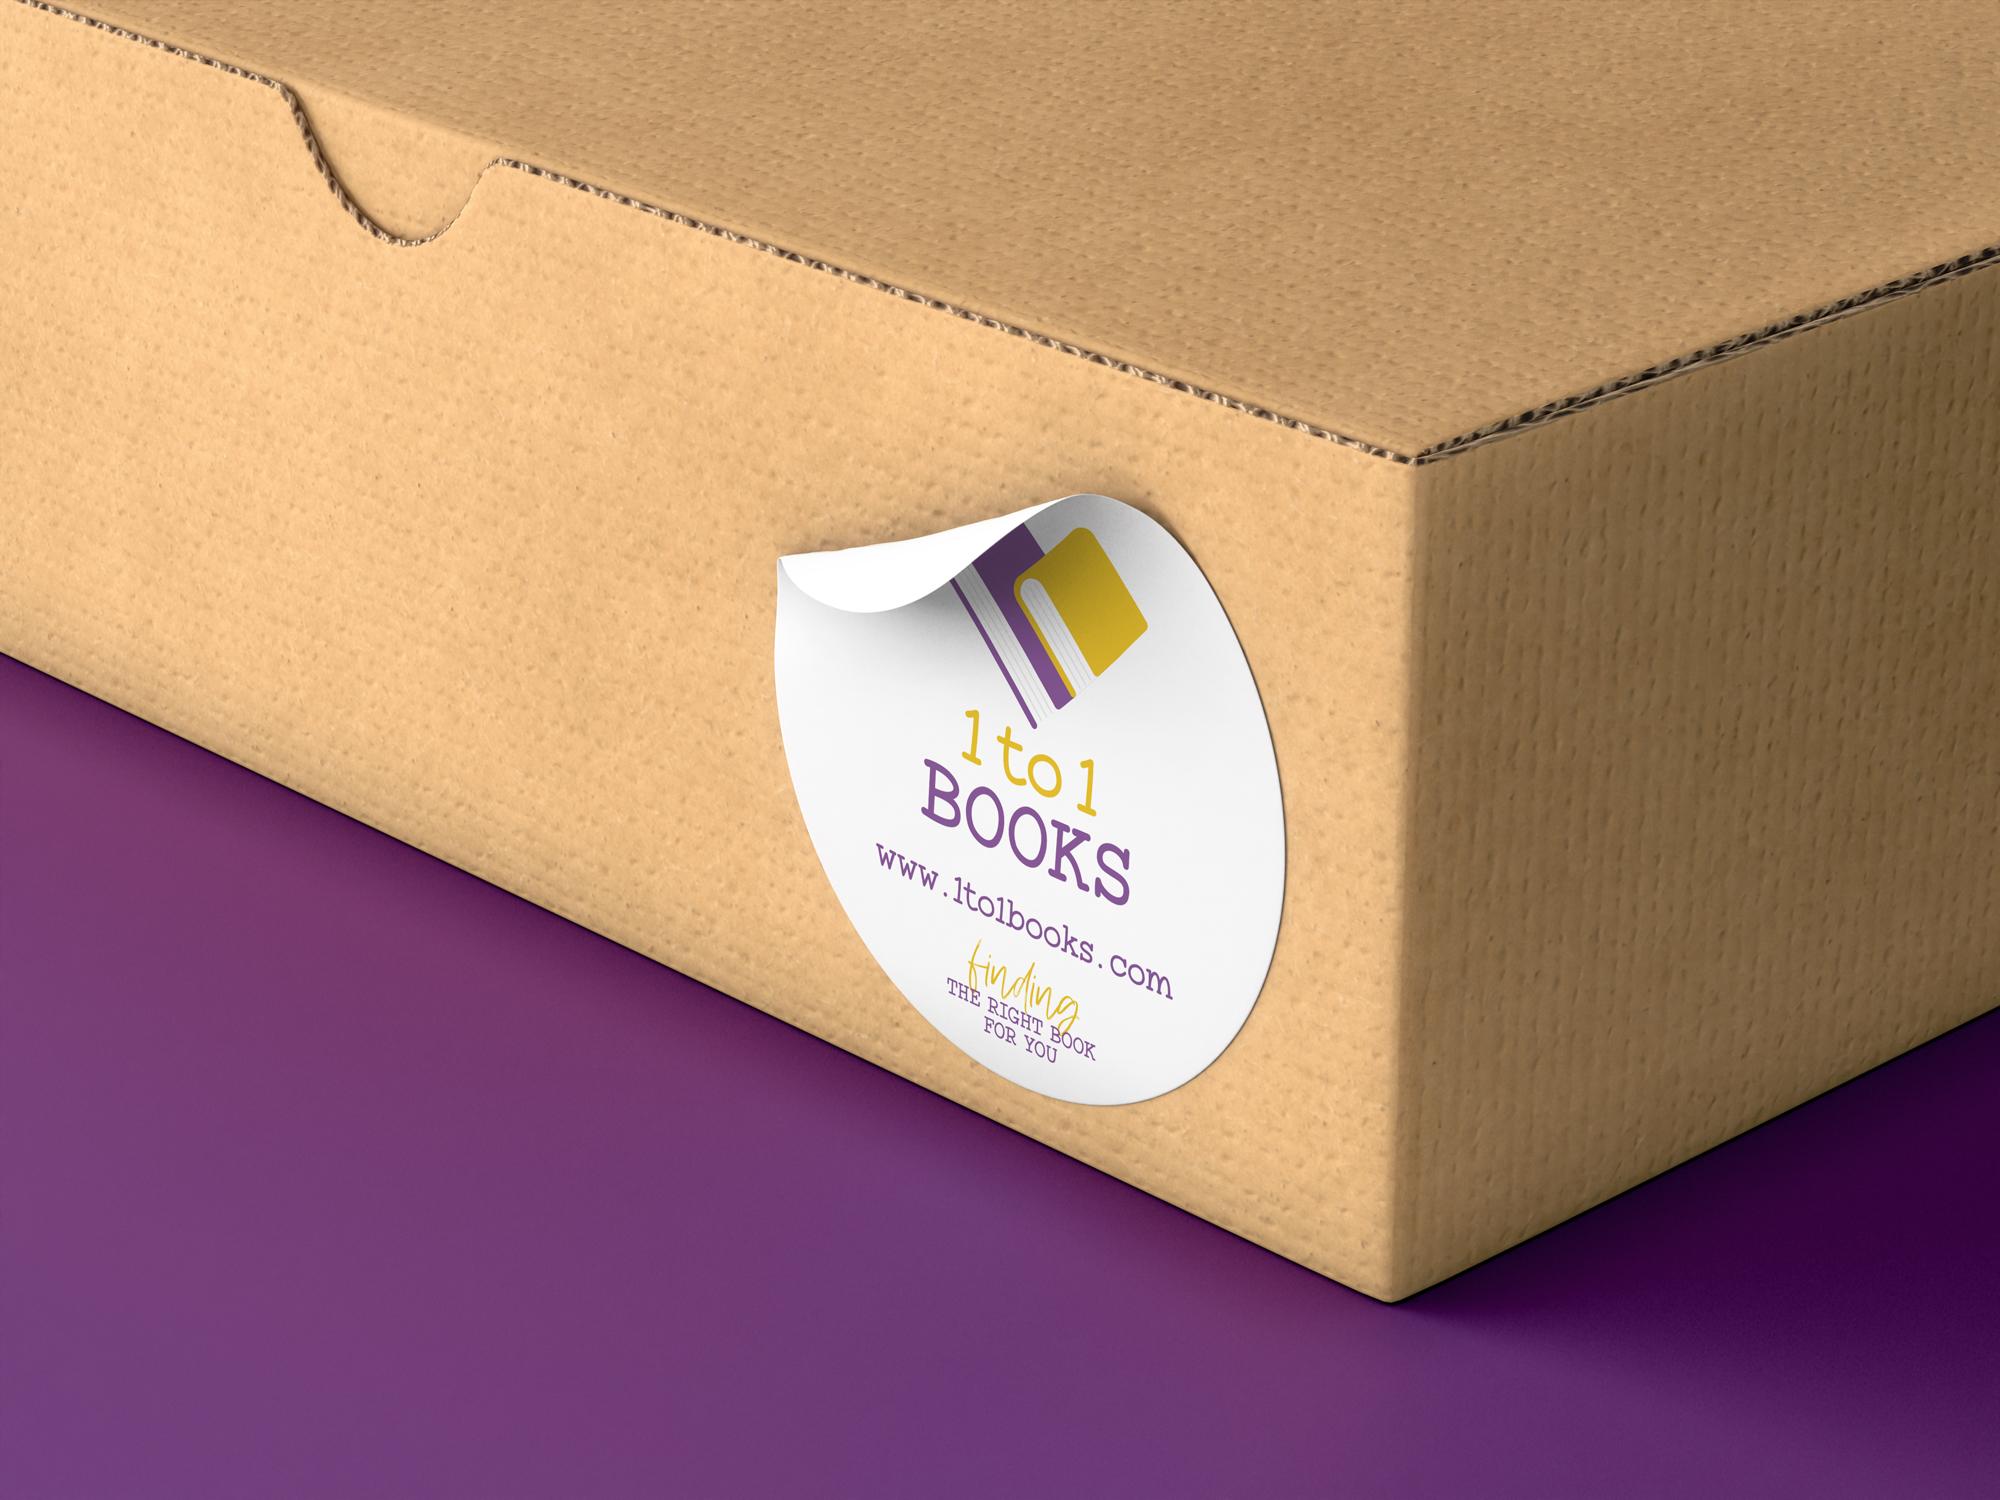 lato di una scatola con sticker 1to1books